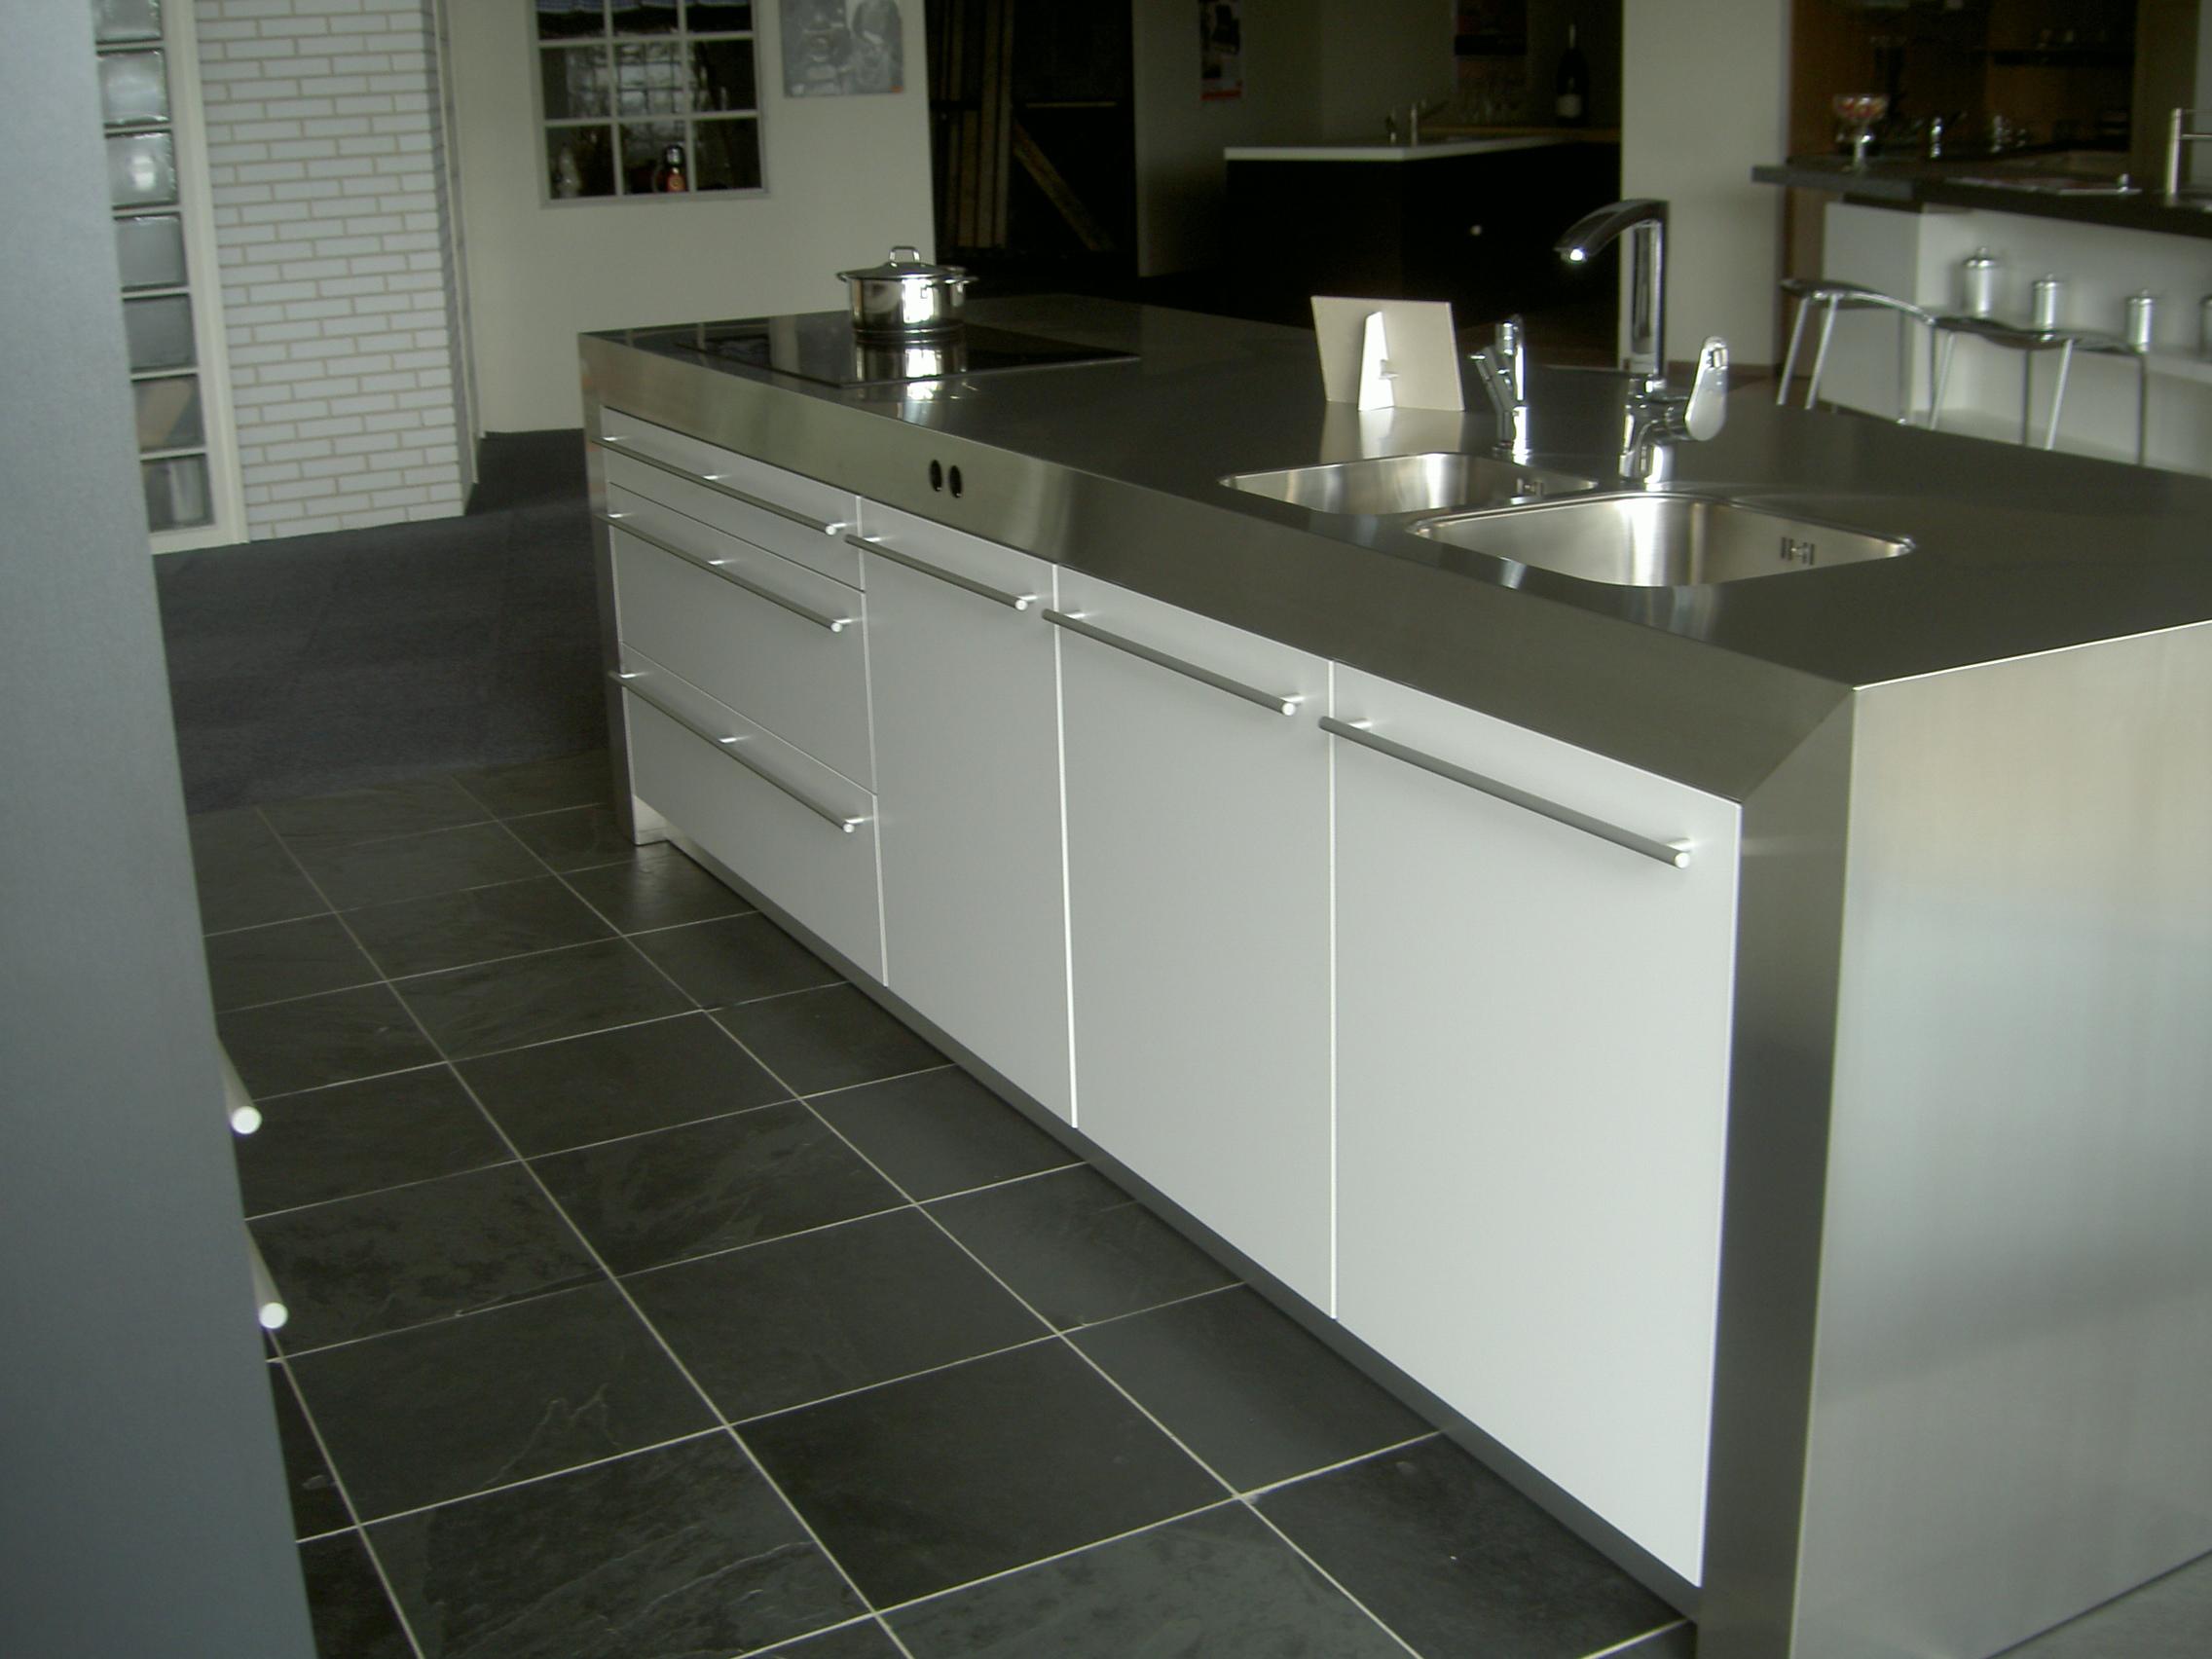 Rvs voor aanrechtbladen kuys keukens klik hierkuys keukens - Rvs plaat voor keuken ...